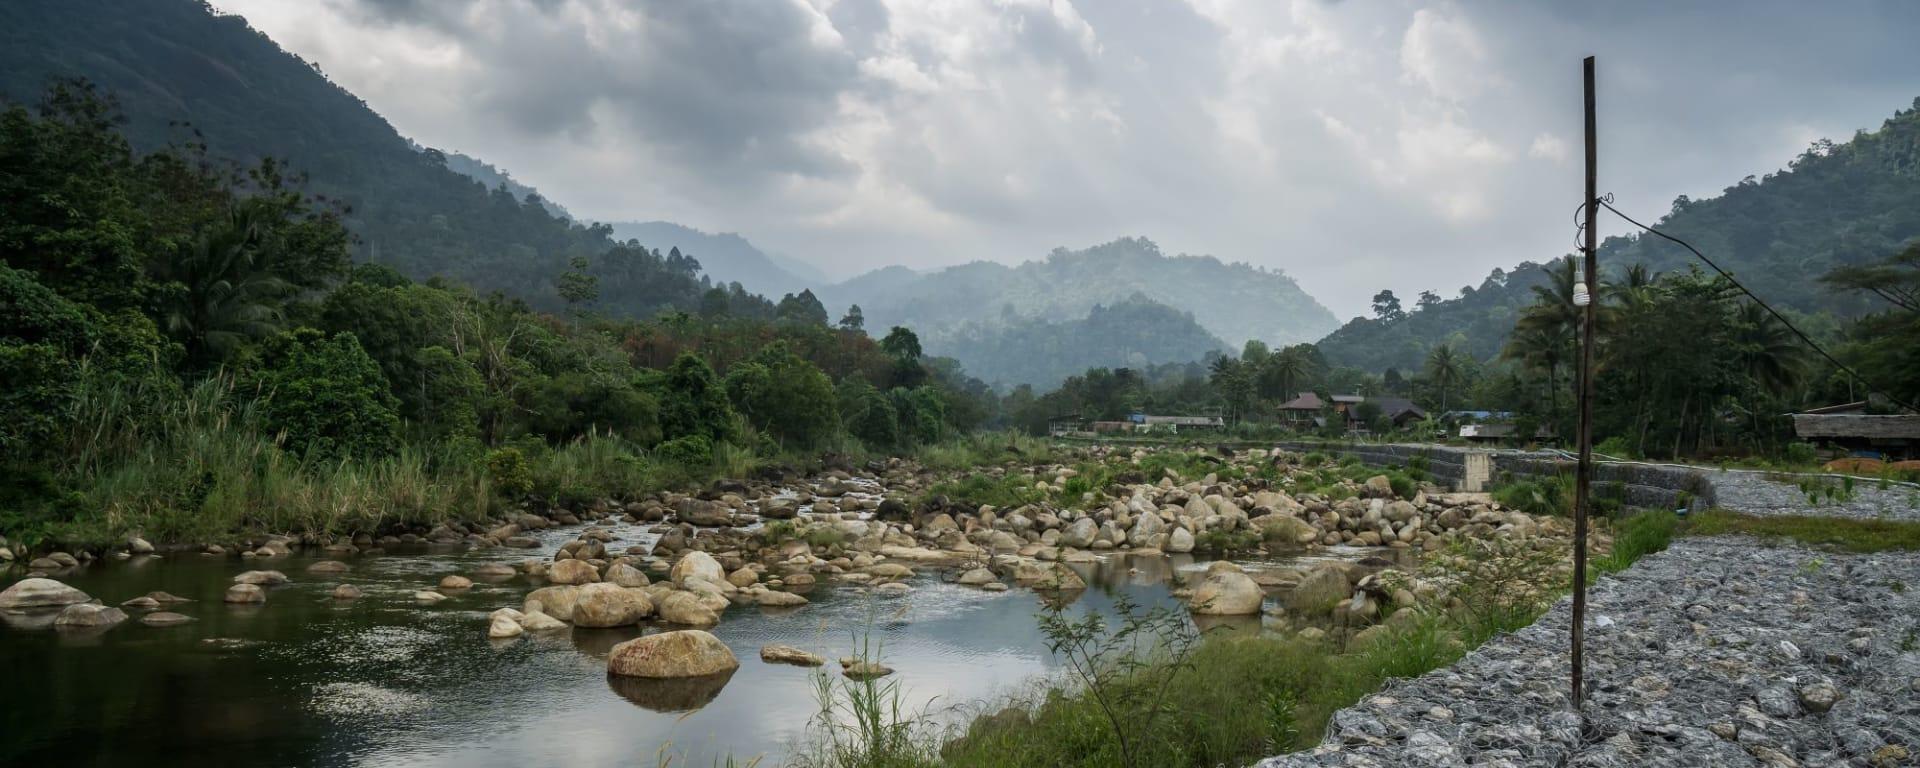 Von Küste zu Küste im Süden Thailands ab Krabi: Khiriwong Village in Nahkon Si Thammarat